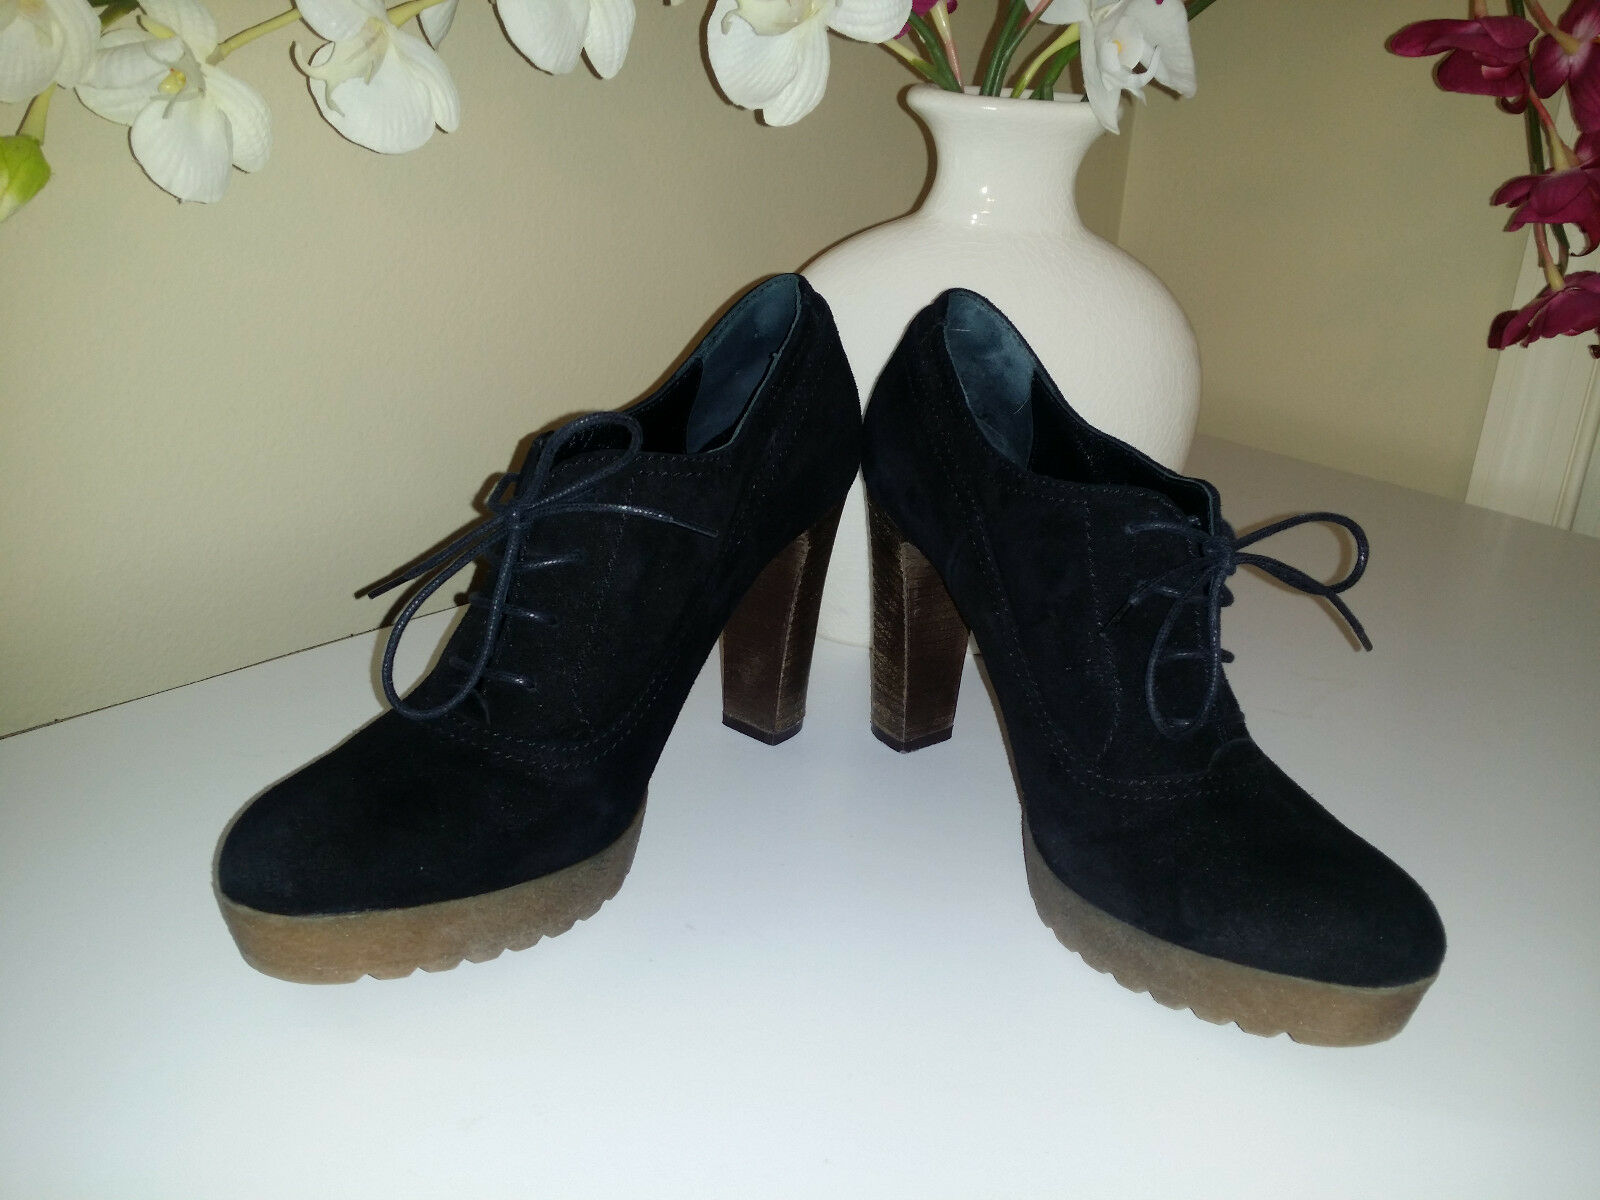 MANAS Lea Foscati Black Suede Lace Up Platform Heels Oxford shoes Sz.38   ITALY